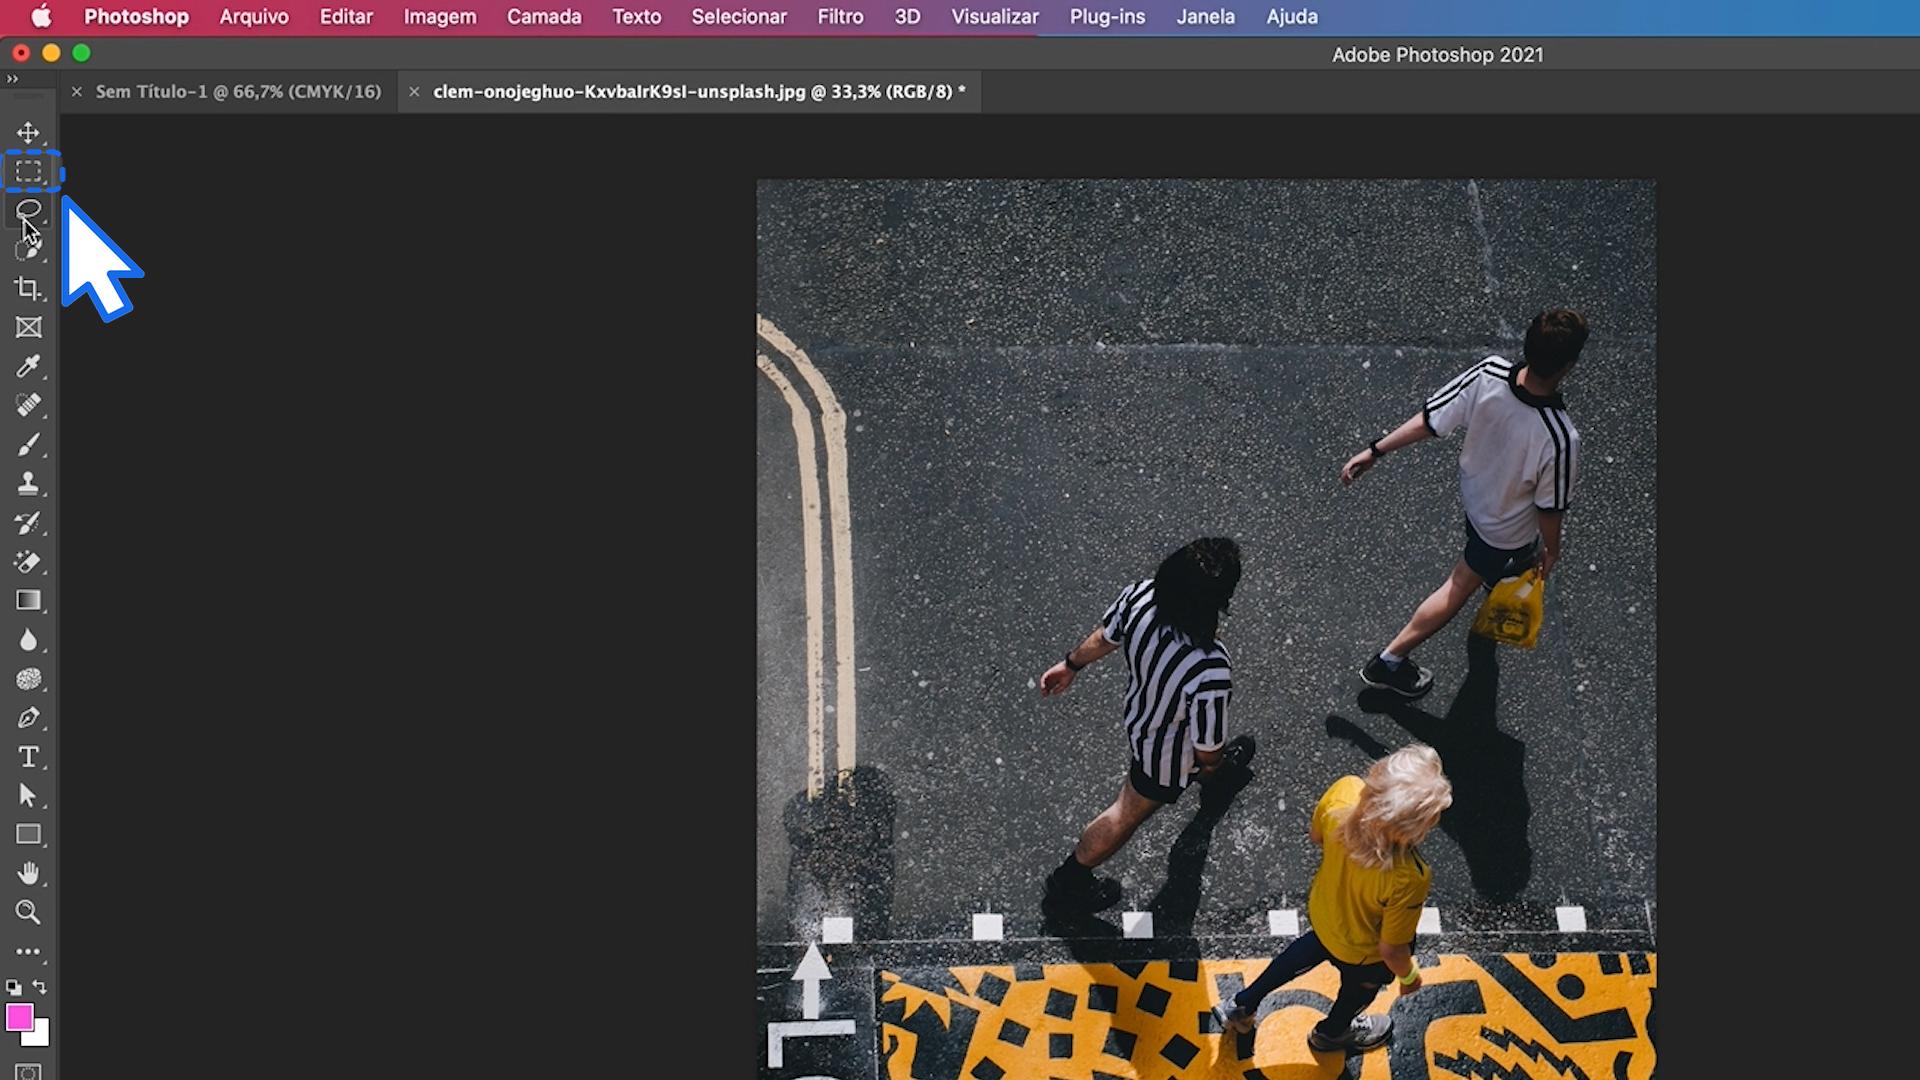 Como habilitar ferramentas que no aparecem no painel do Photoshop